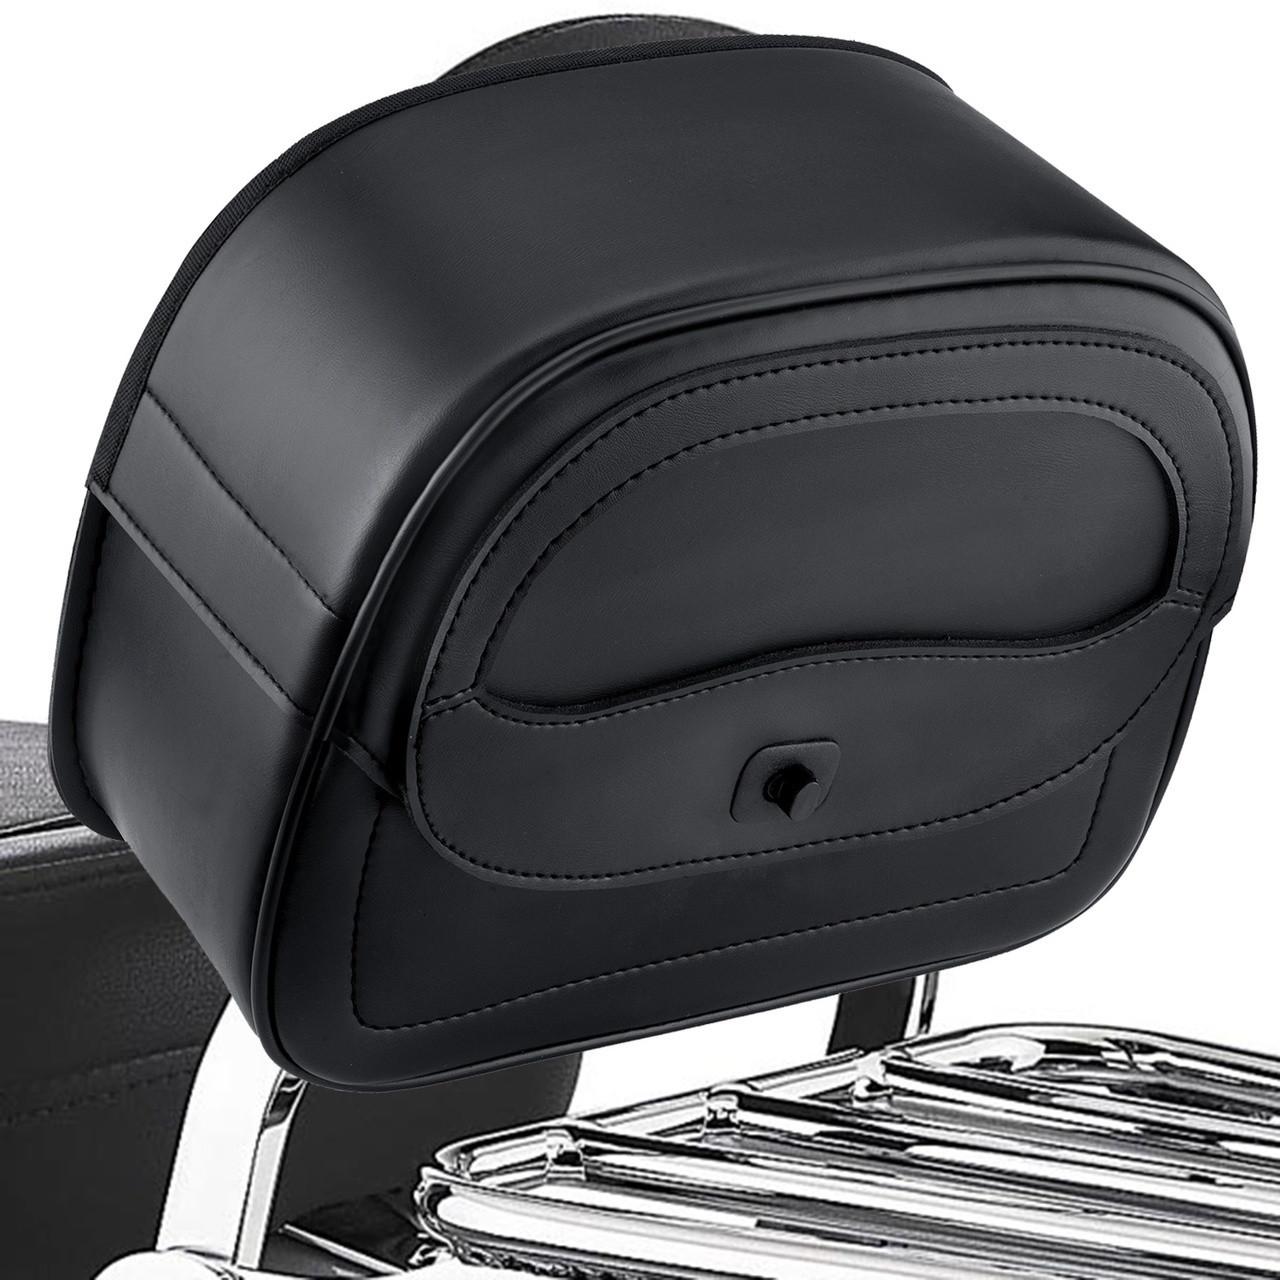 Viking Warrior Motorcycle Tail Bag